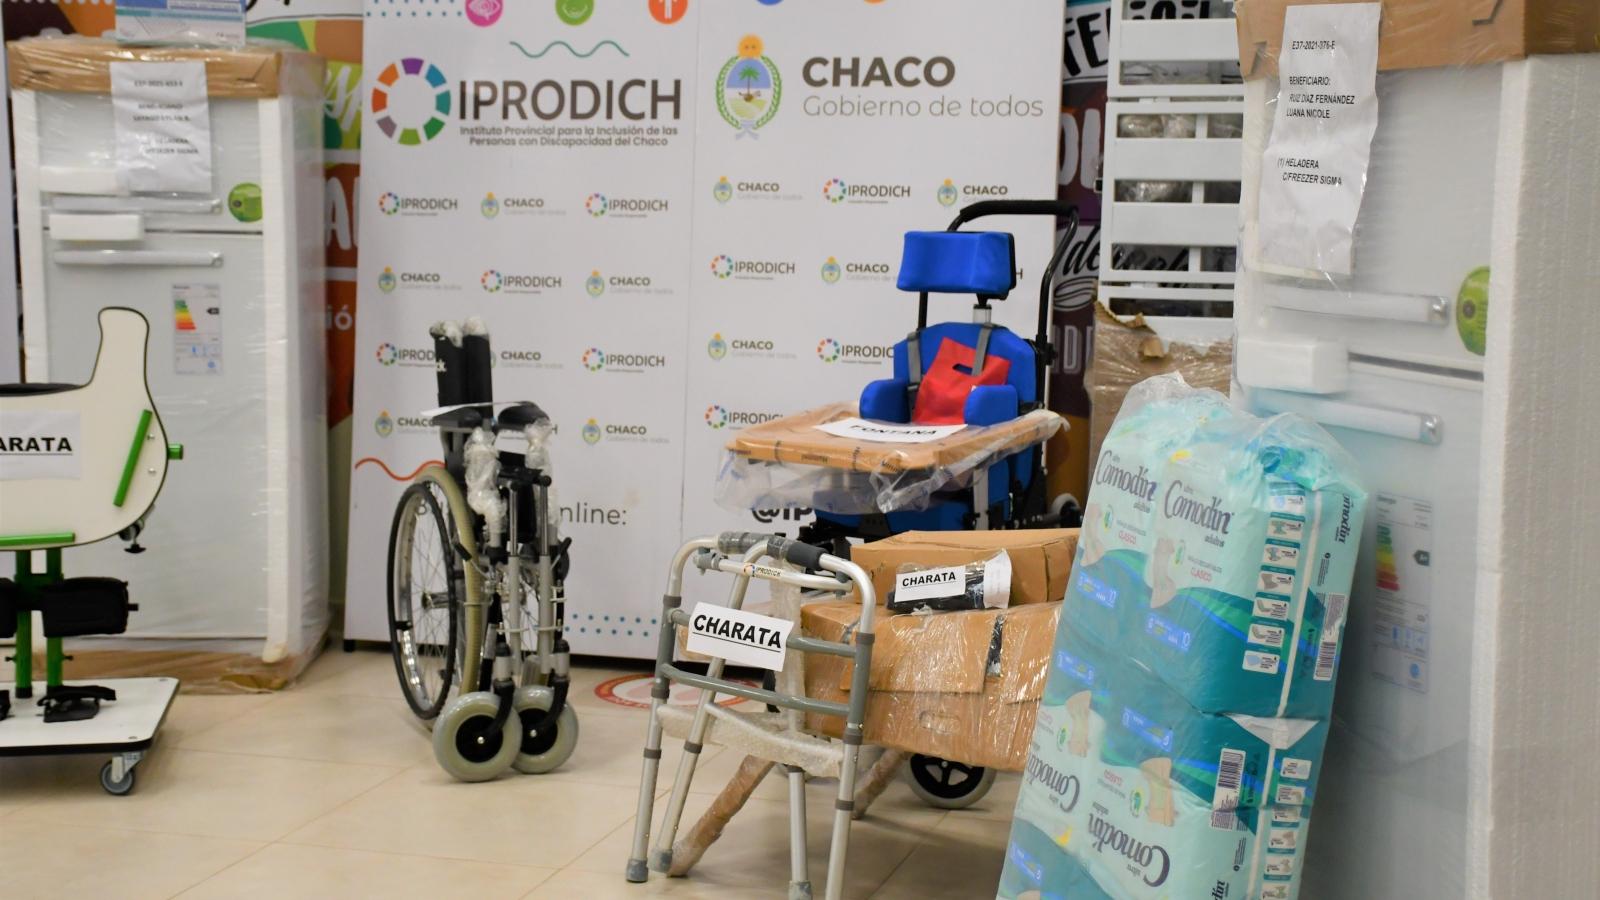 ayudas técnicas como ser sillas de ruedas, pañales, colchones, entre otros